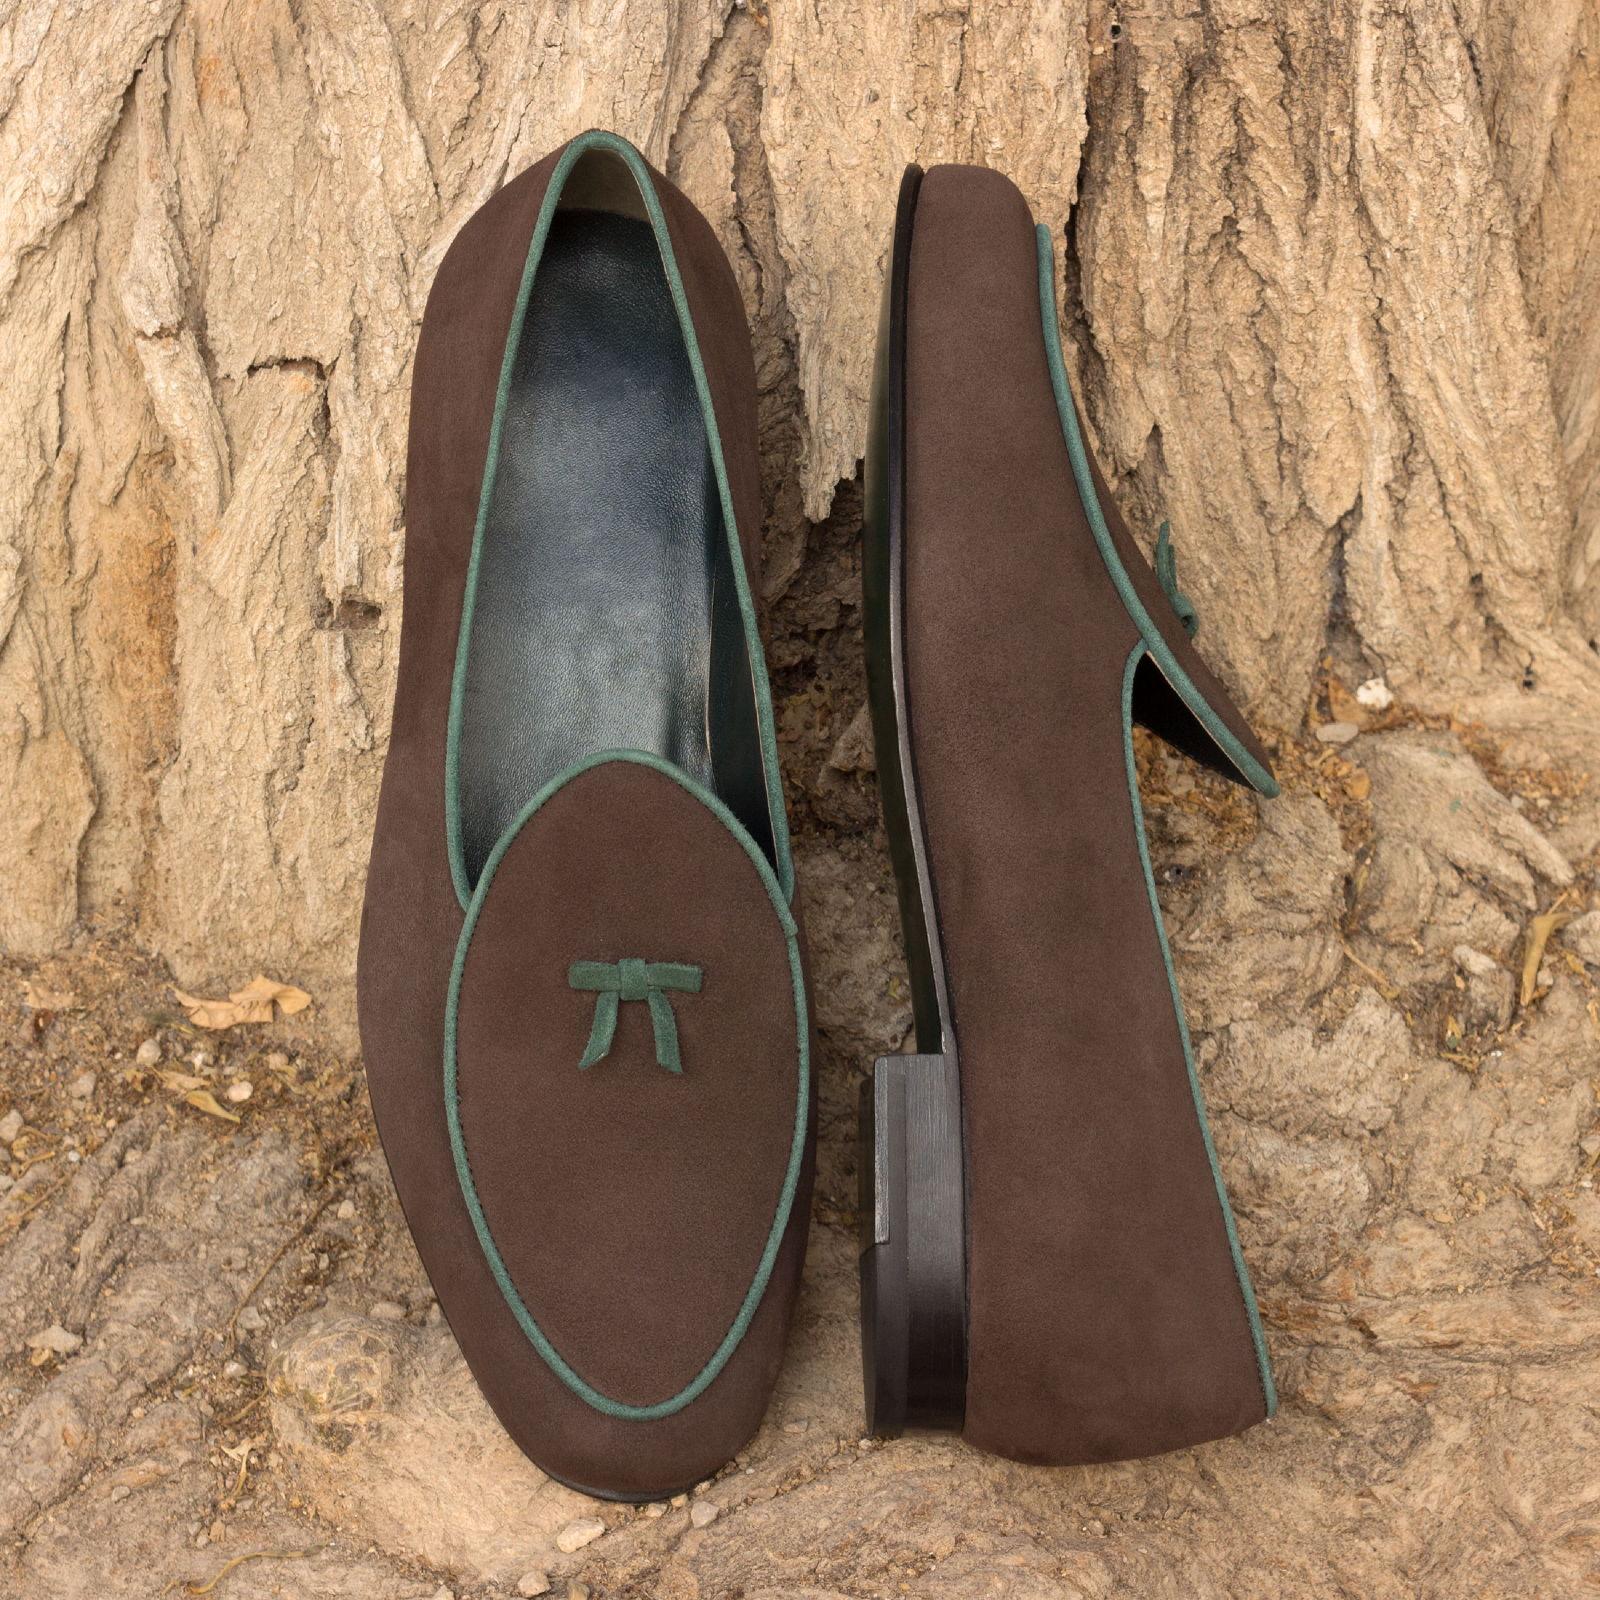 cafafcc5af46 Prestaňte iba snívať a nechajte si ušiť topánky presne podľa svojich  predstáv